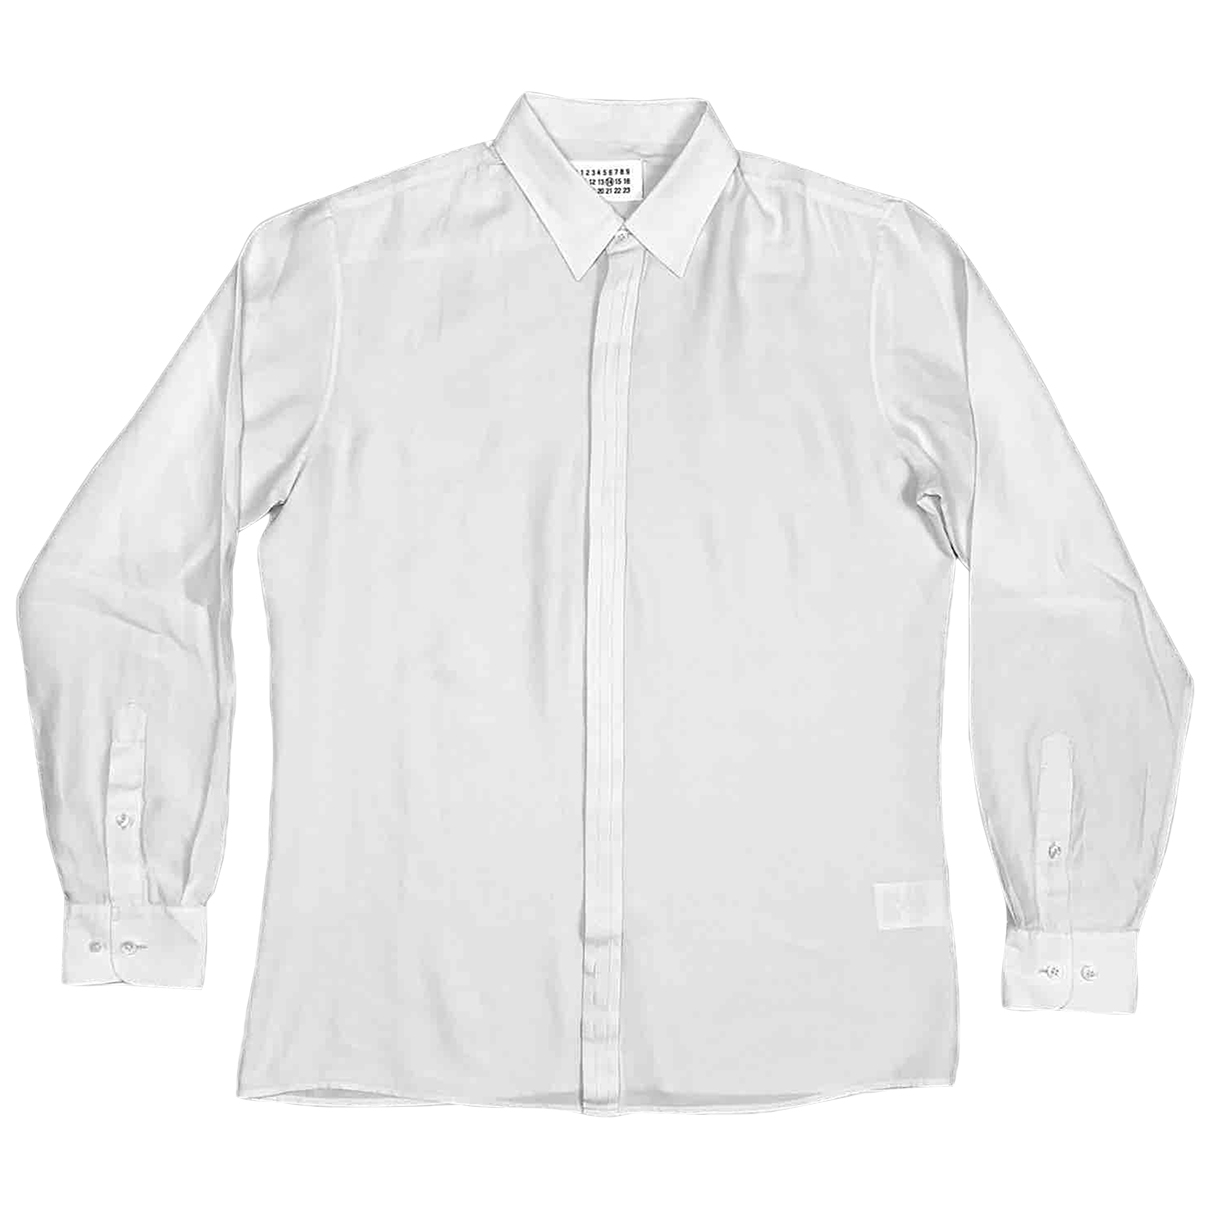 Maison Martin Margiela - Chemises   pour homme en coton - blanc